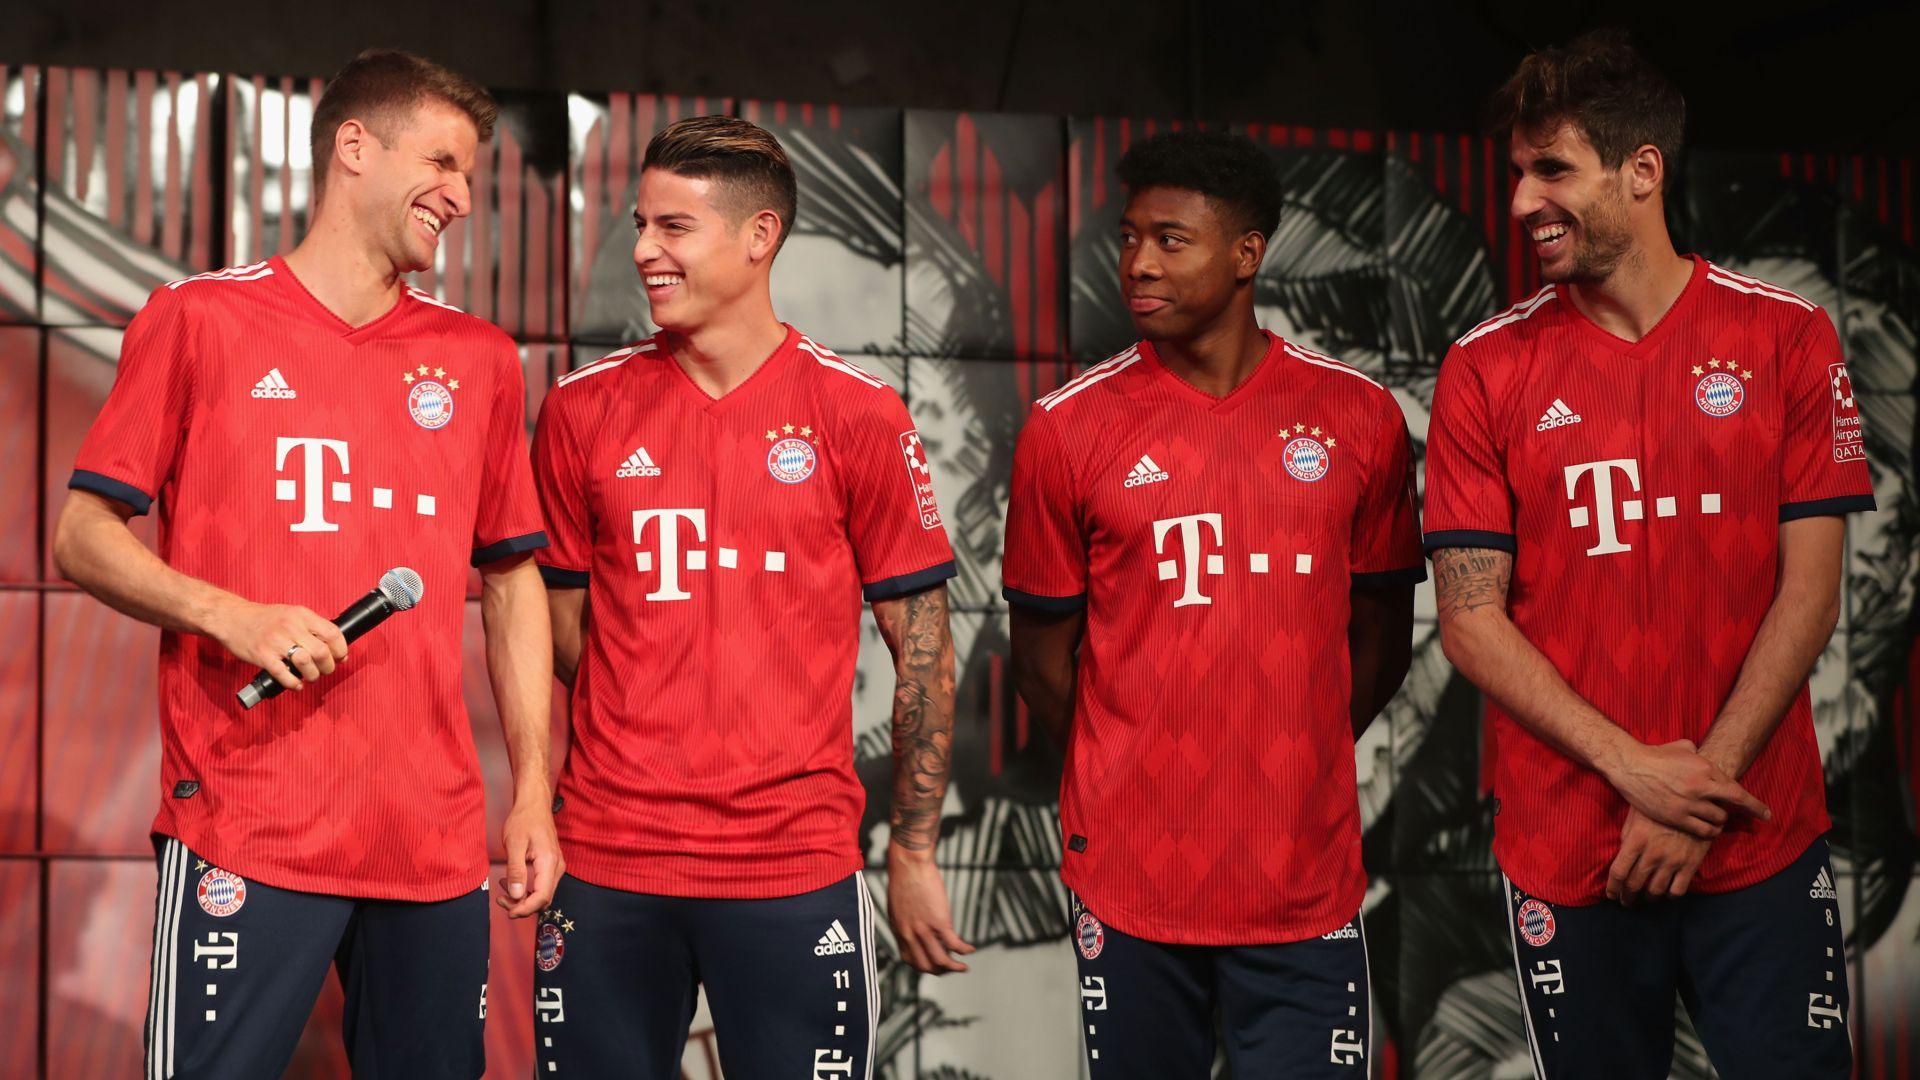 Estos son los uniformes de los equipos de la liga alemana para la temporada  2018 2019 709913b6ec869